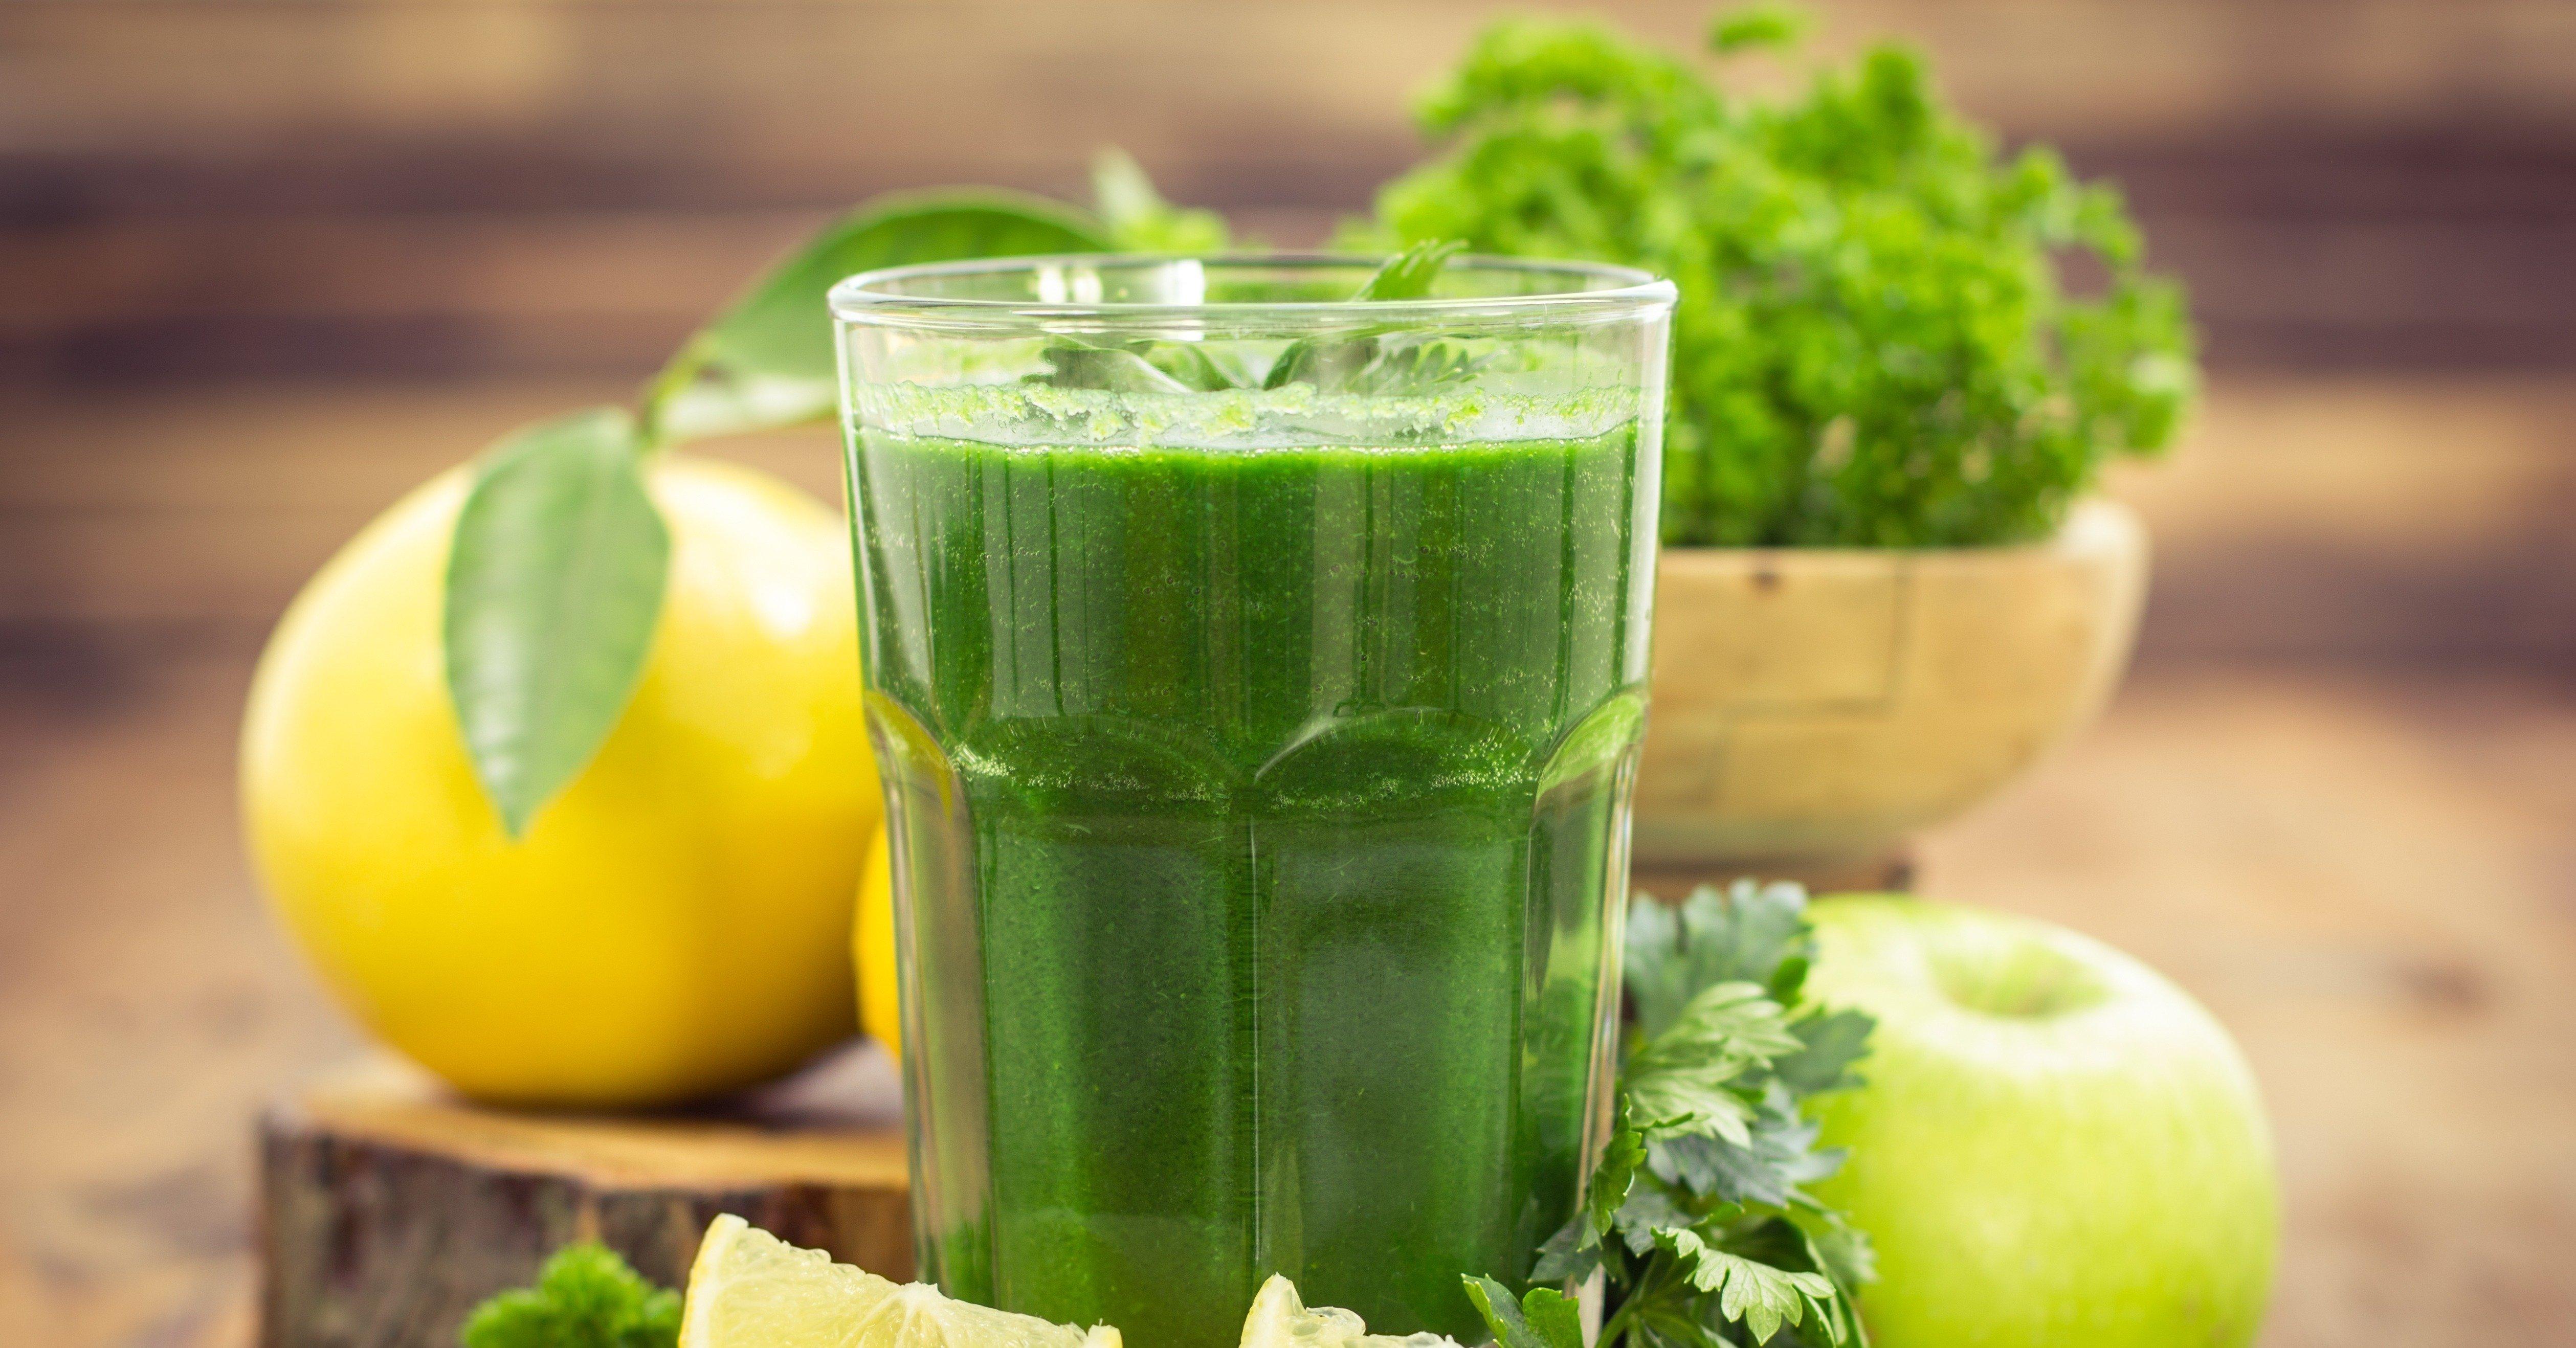 Пить Петрушку Для Похудения. Приготовление блюд и напитков из петрушки для похудения